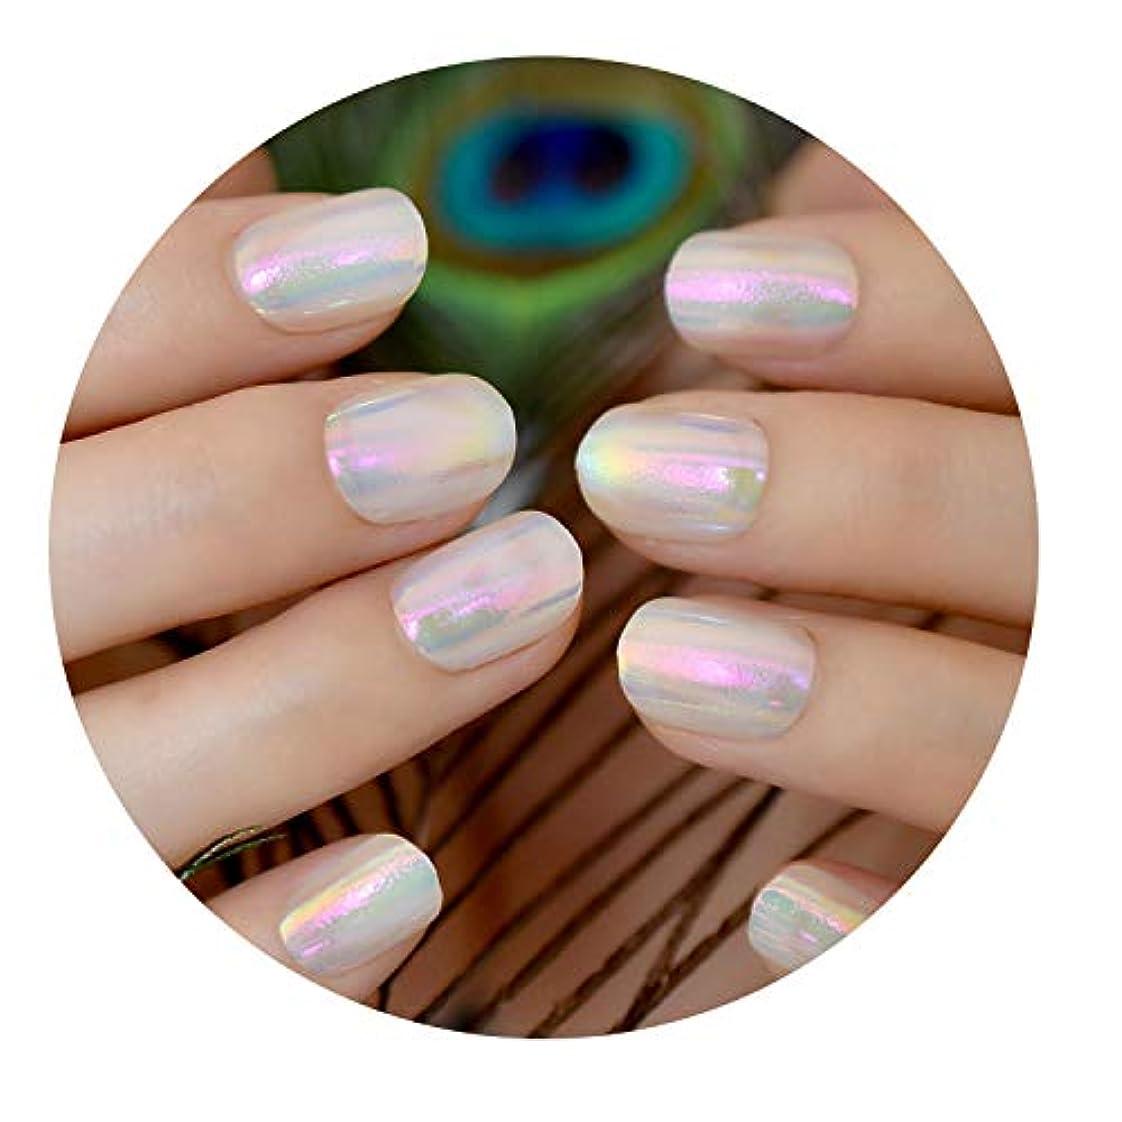 アクリル偽爪短いラウンドデザイン人工爪のヒントミラーDIY指パッチサロン製品,Z856